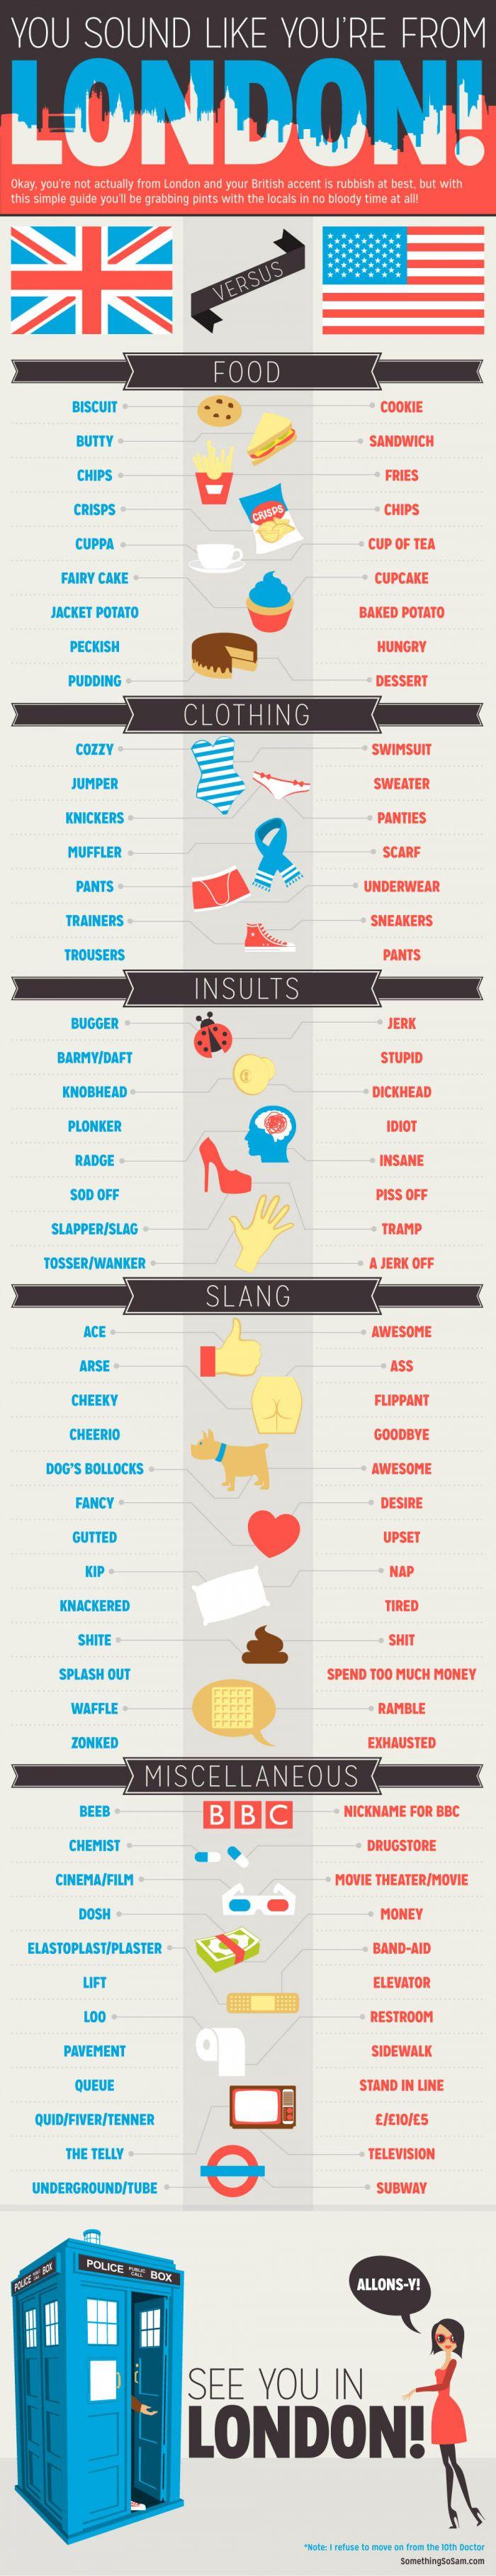 British English vs American English - 9GAG